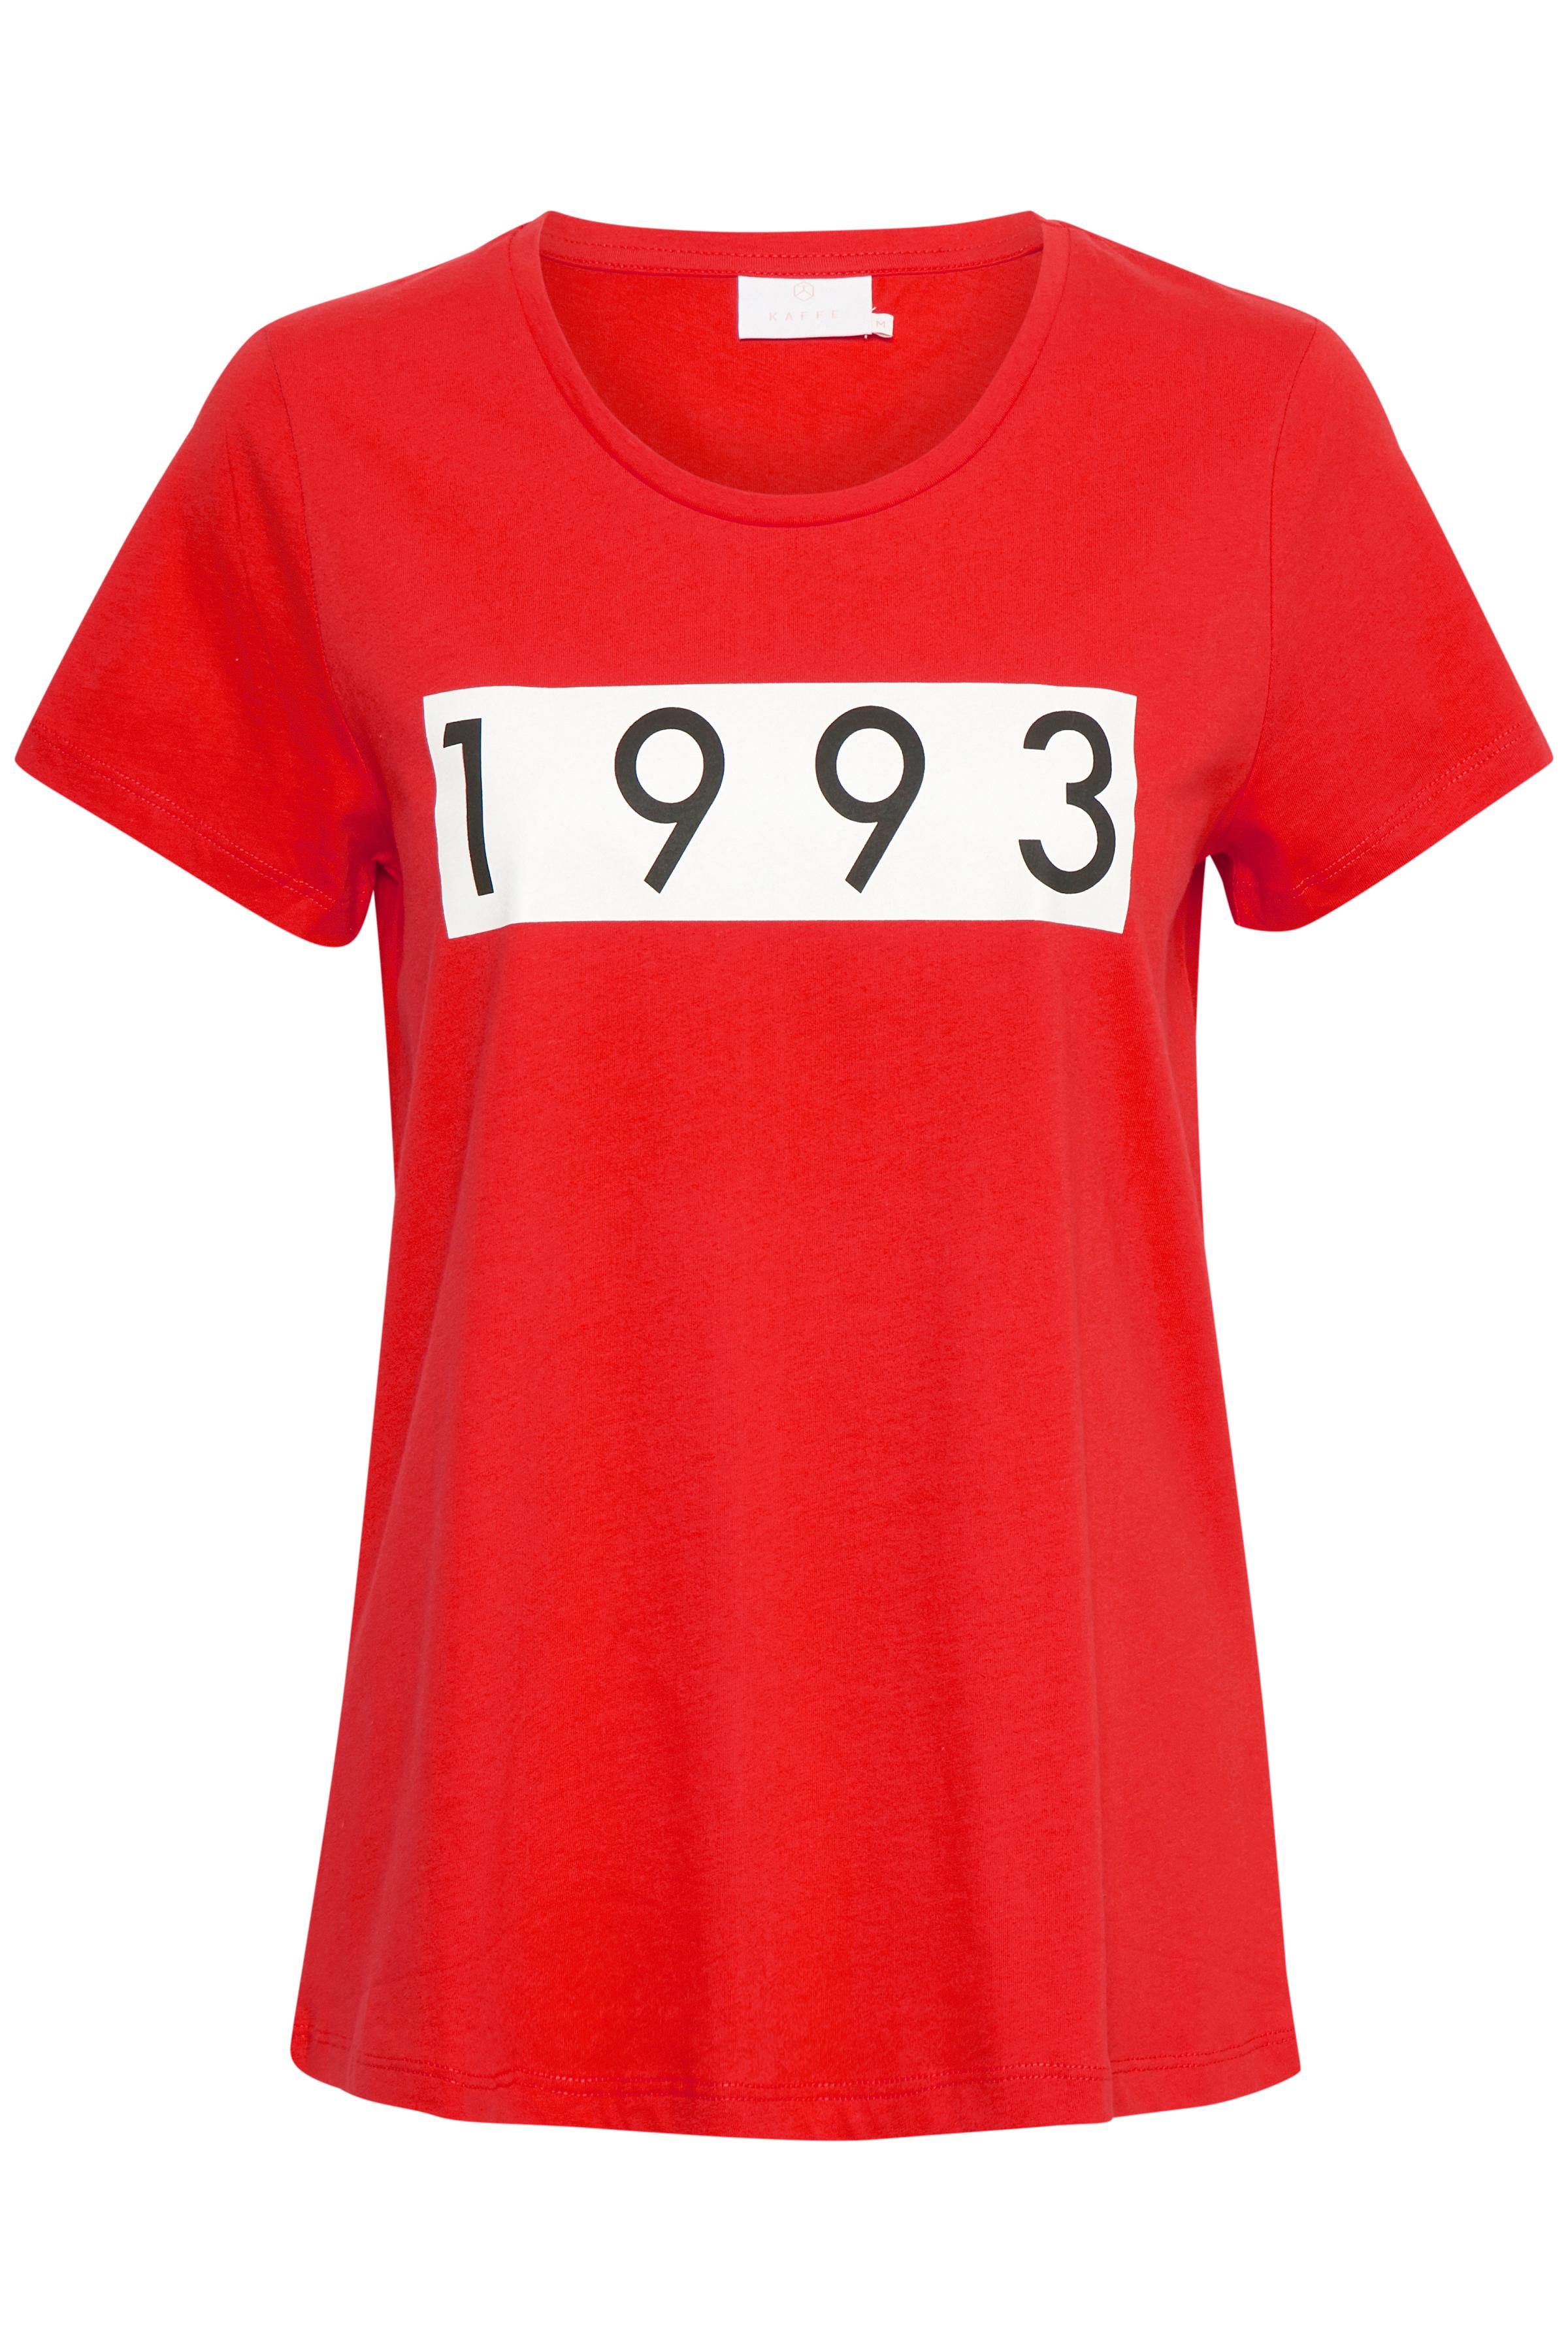 Rot Kurzarm T-Shirt von Kaffe – Shoppen SieRot Kurzarm T-Shirt ab Gr. XS-XXL hier